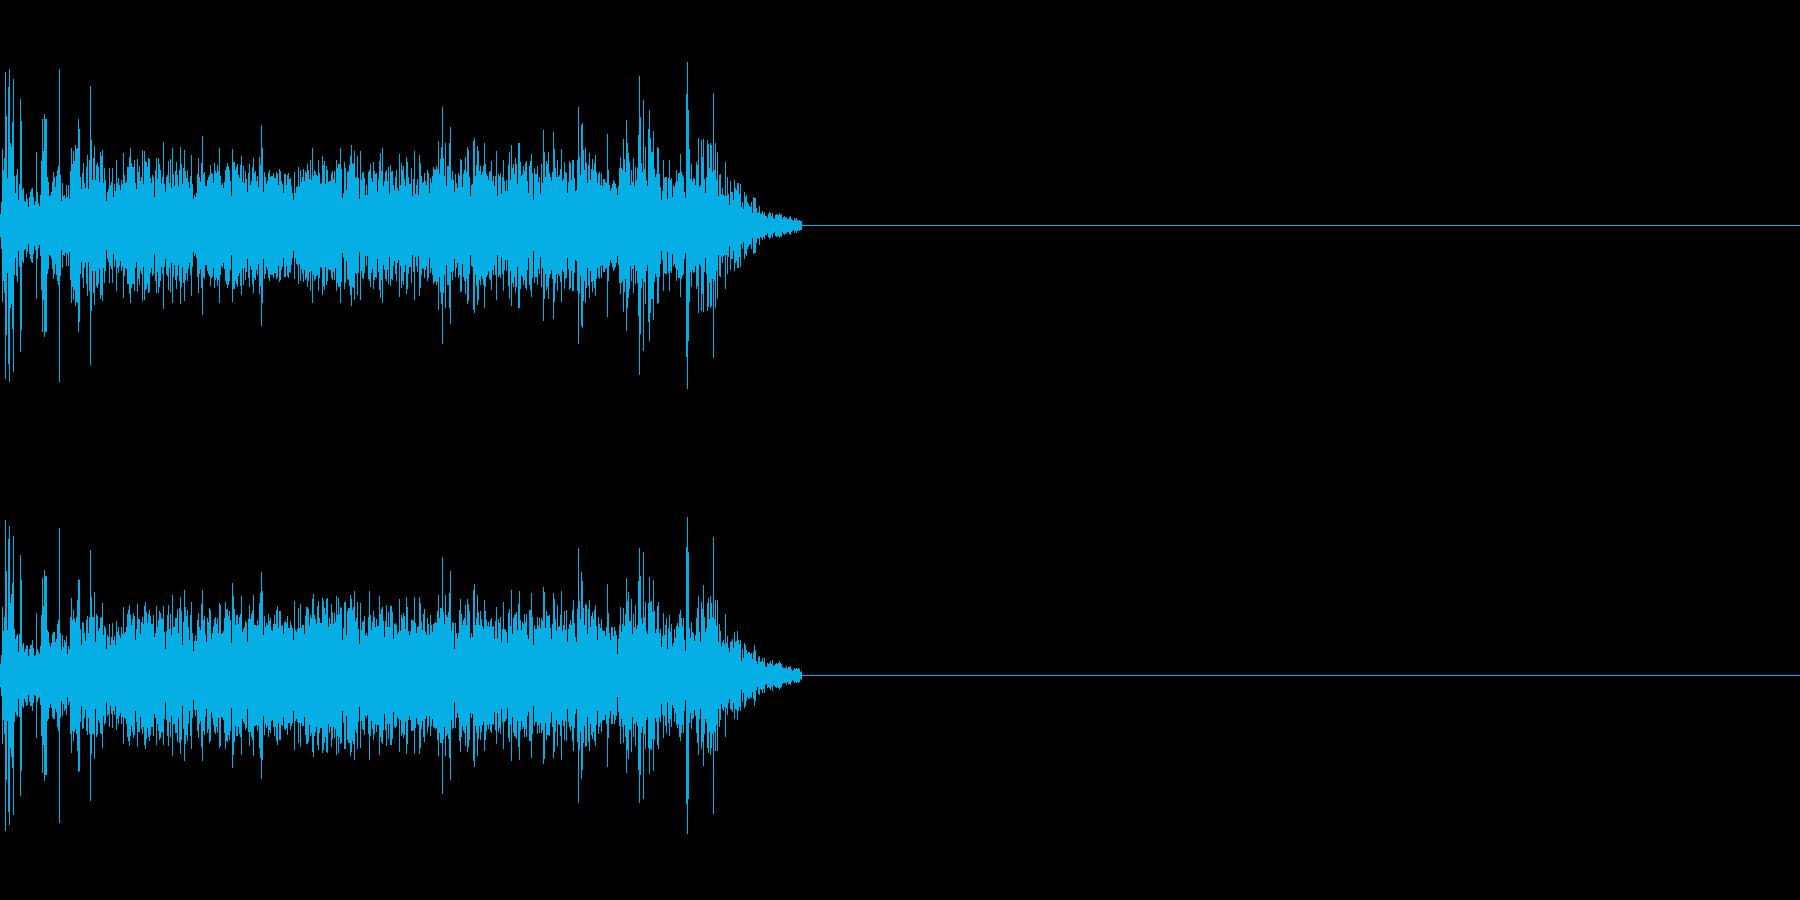 シンプルな機械音の再生済みの波形